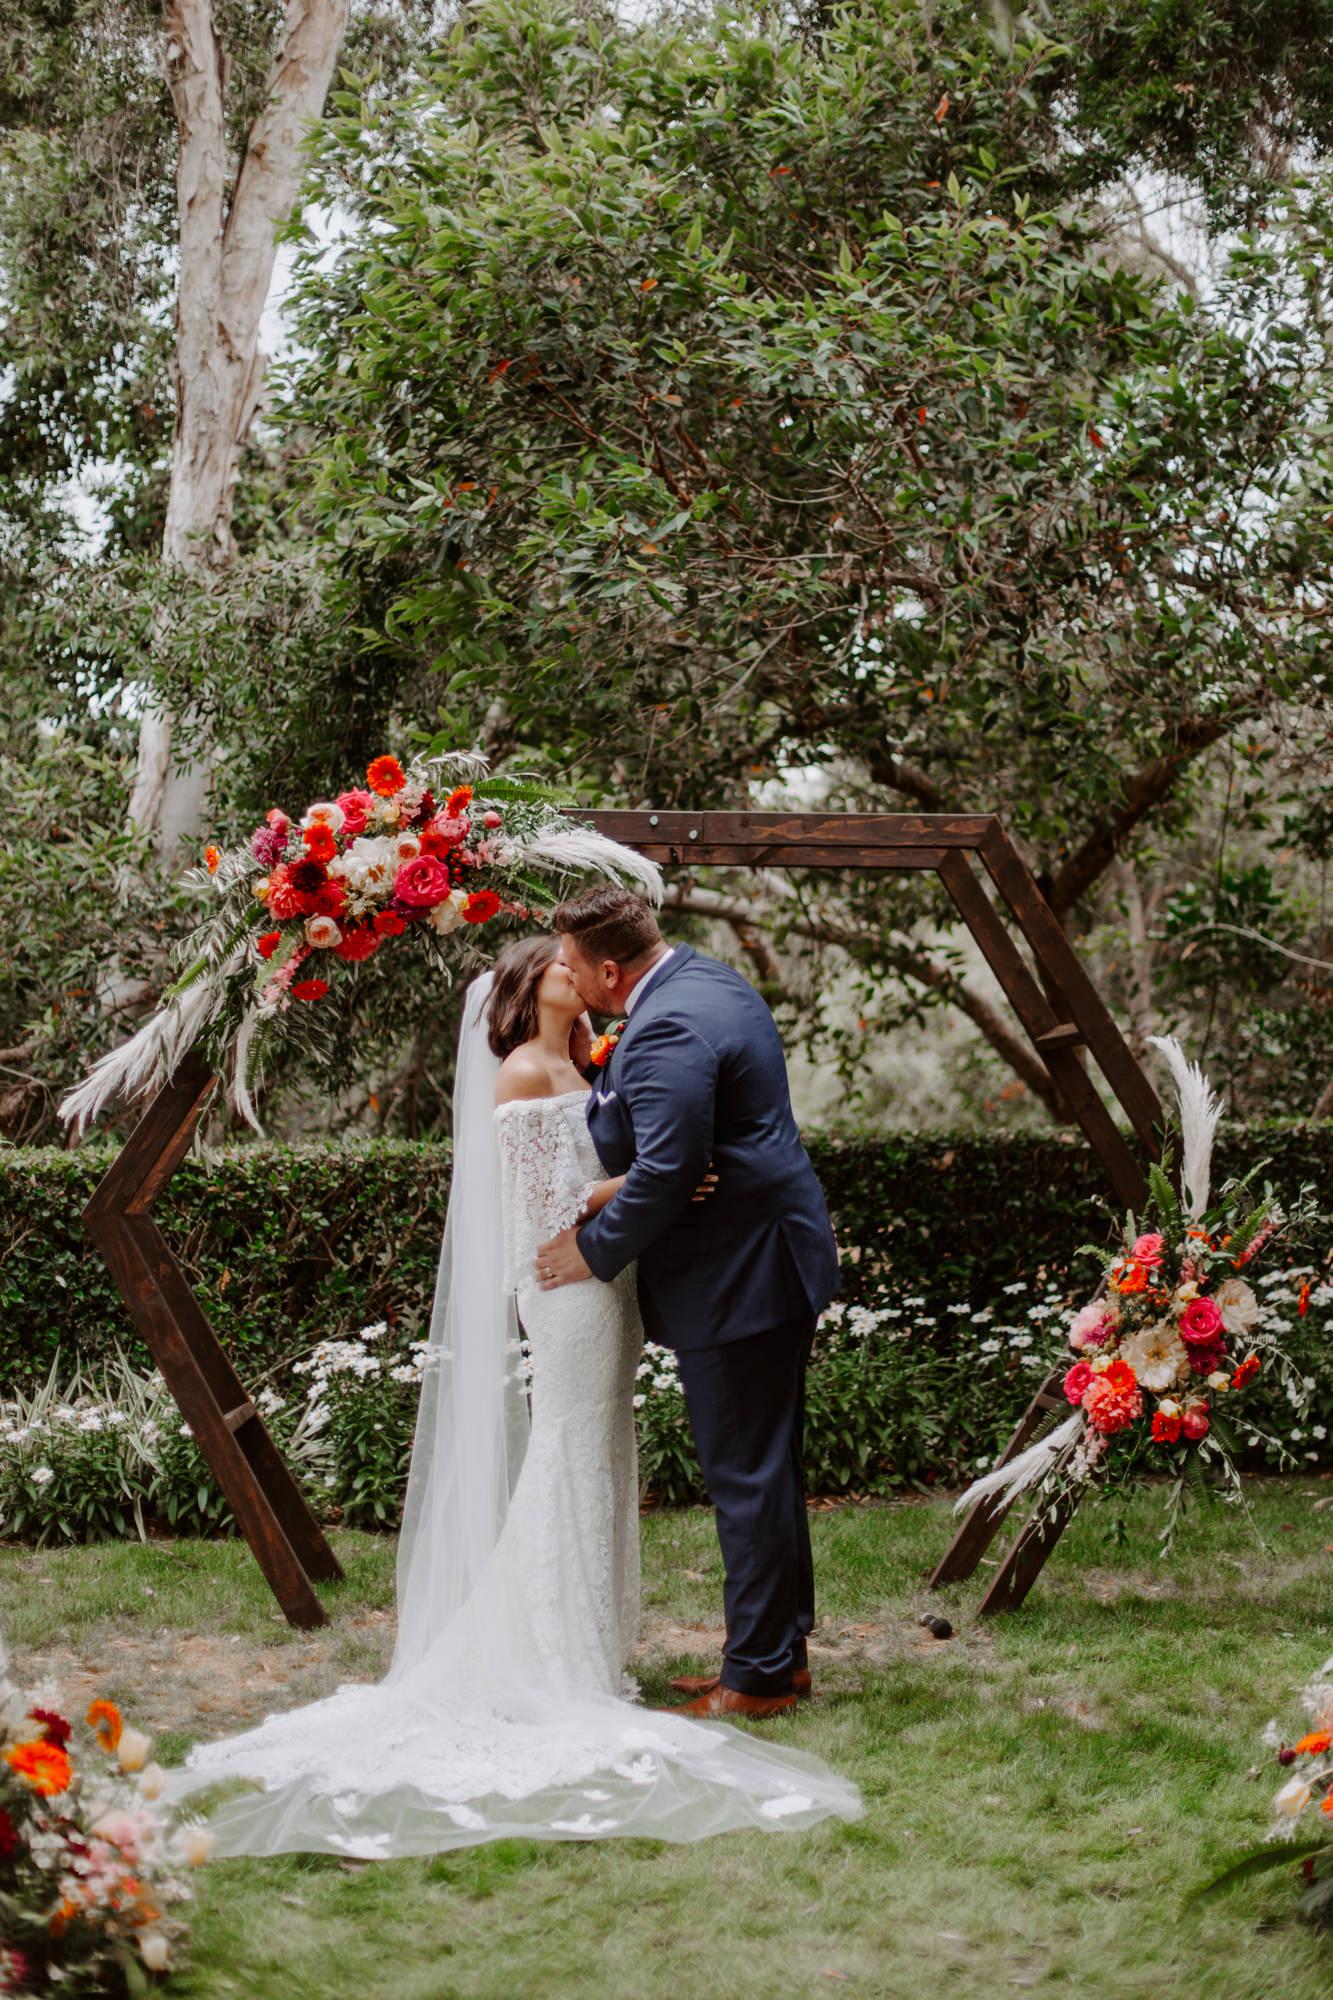 Rancho bernardo Inn san deigo wedding photography0057.jpg